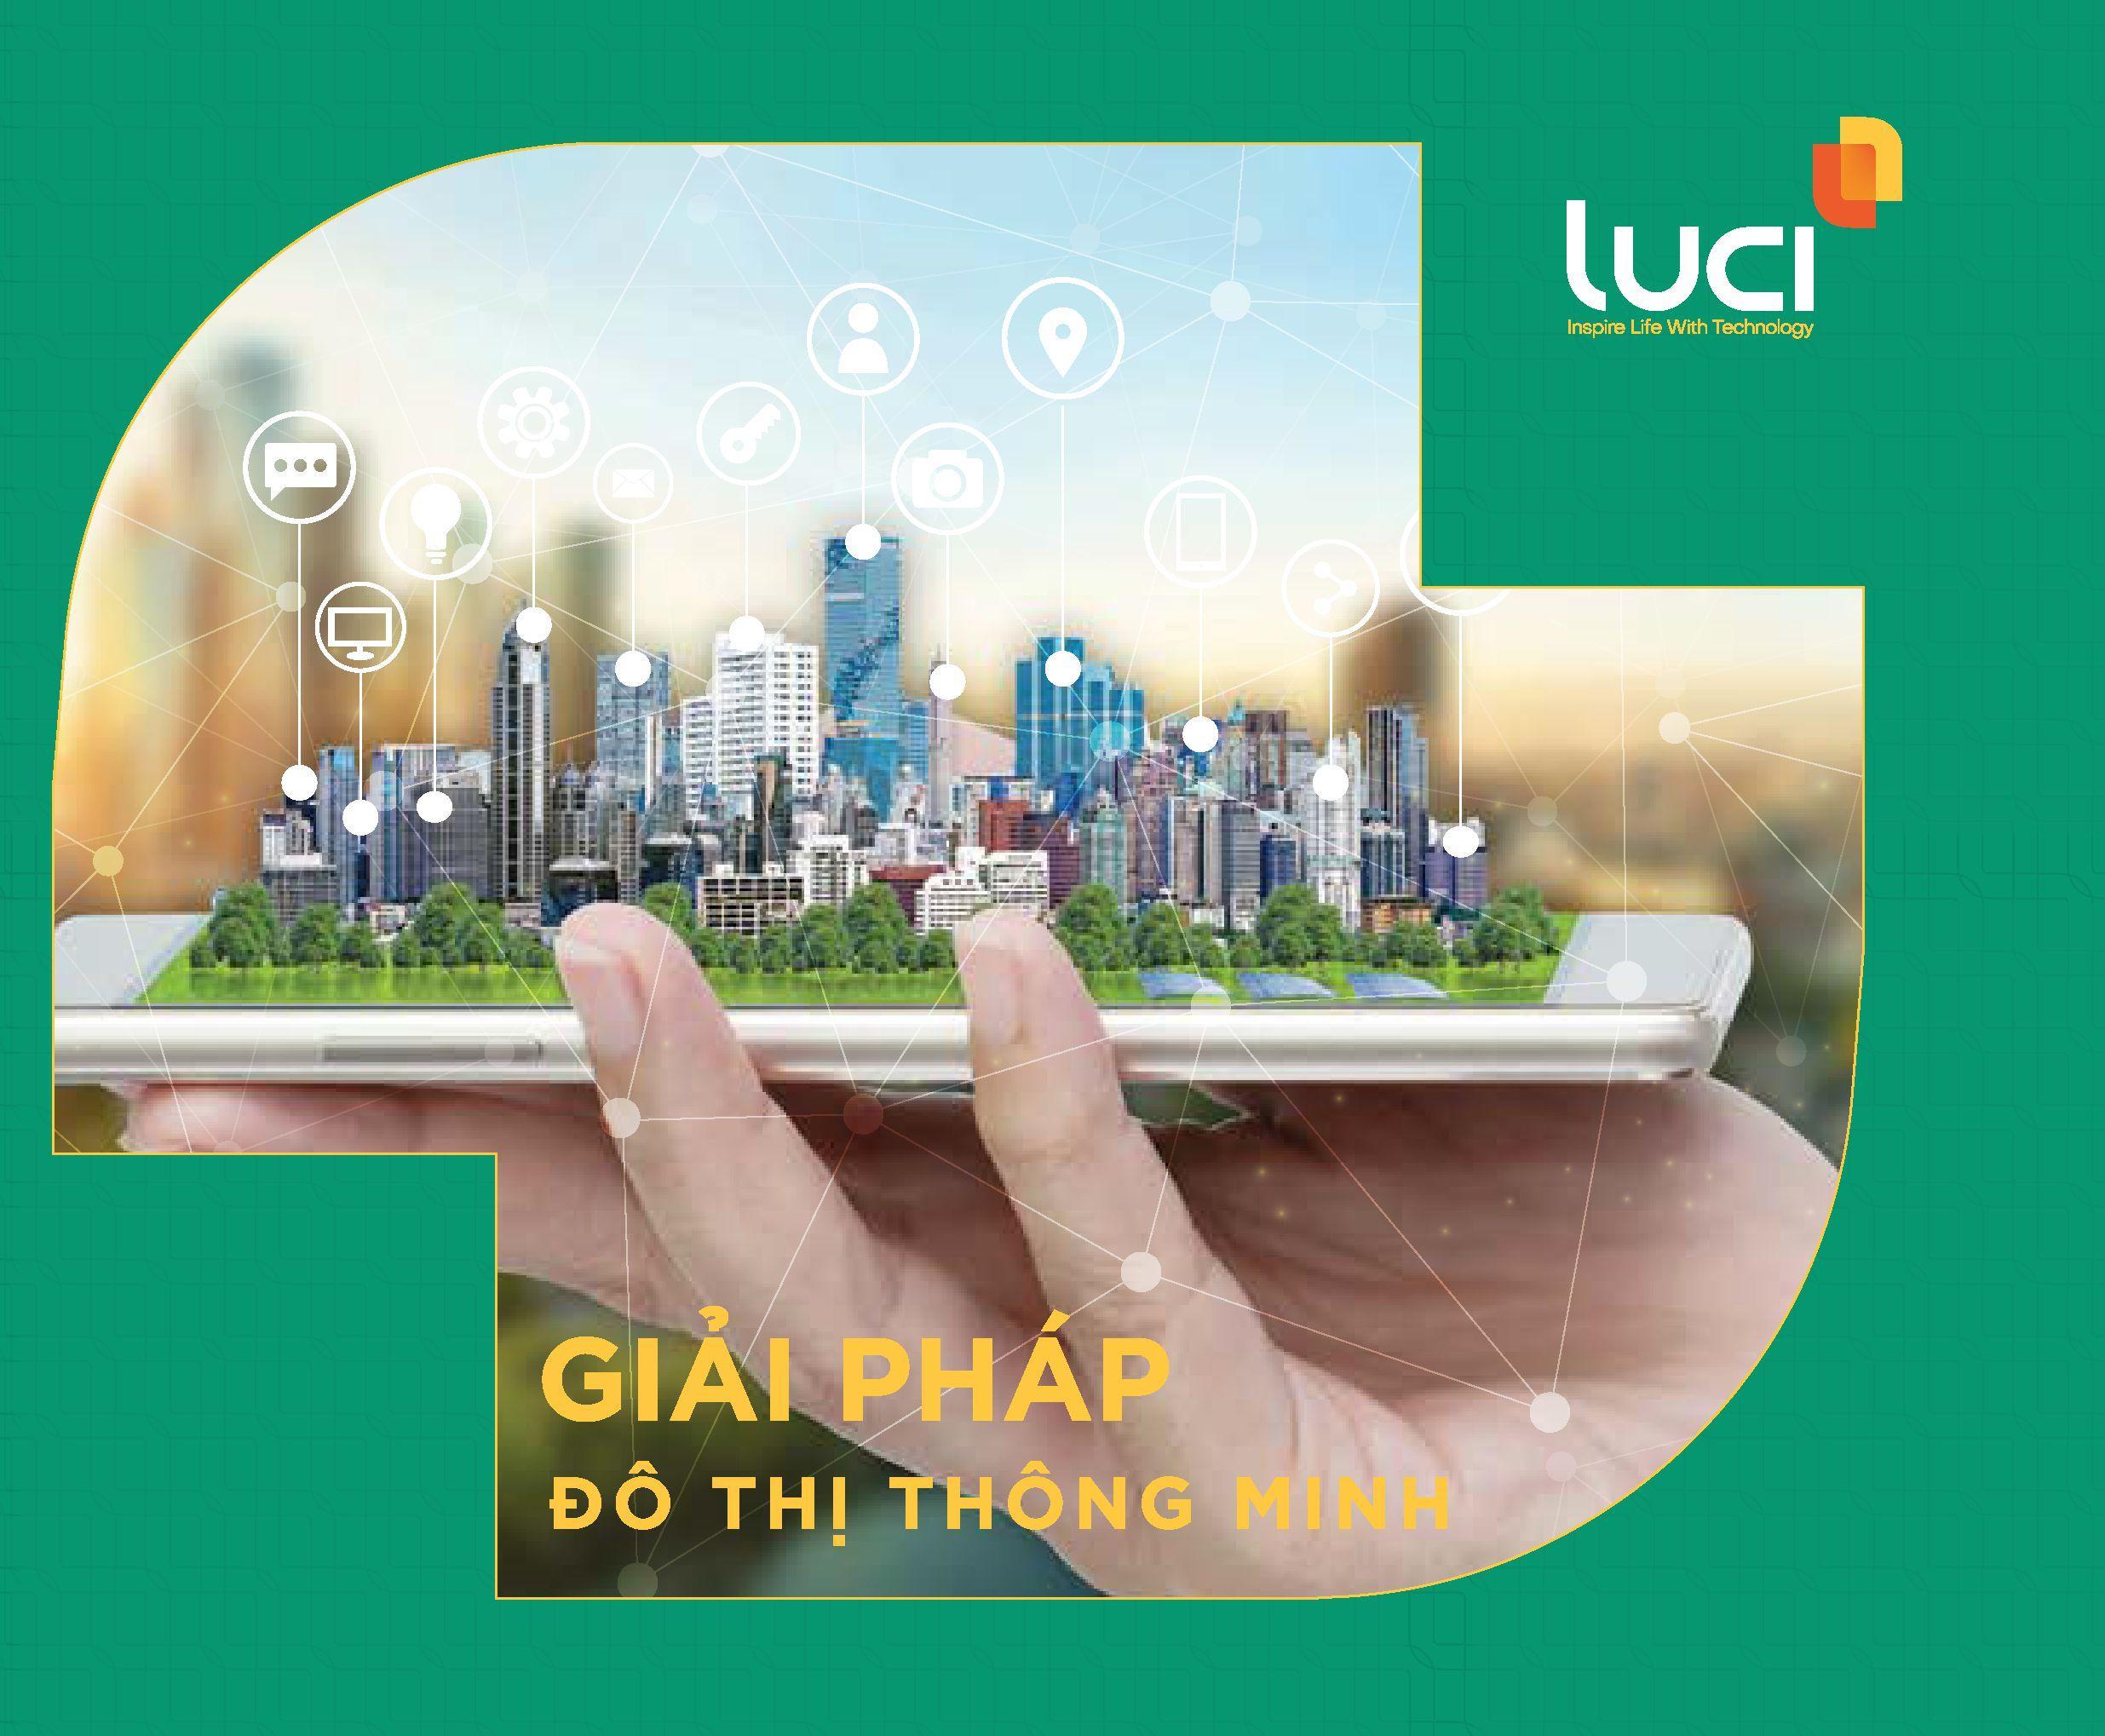 Luci mang tới giải pháp quản lý đô thị toàn diện và tối ưu